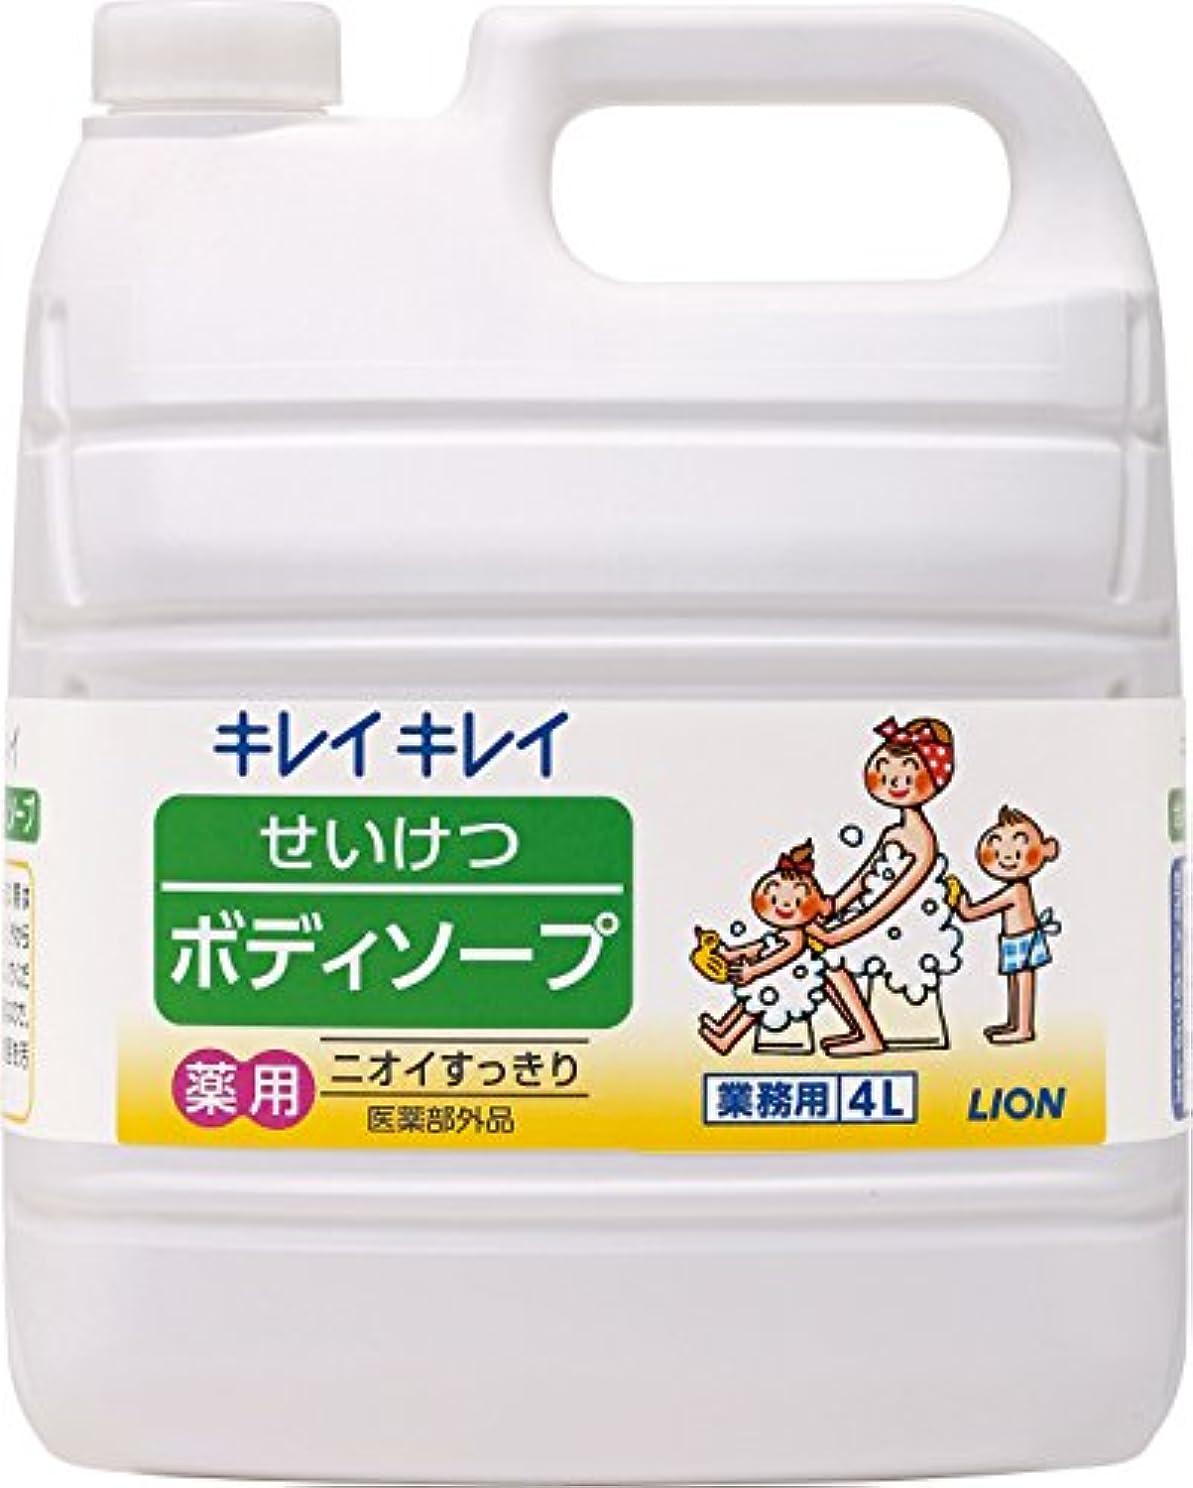 不道徳時系列忍耐【業務用 大容量】キレイキレイ せいけつボディソープ さわやかなレモン&オレンジの香り 4L(医薬部外品)